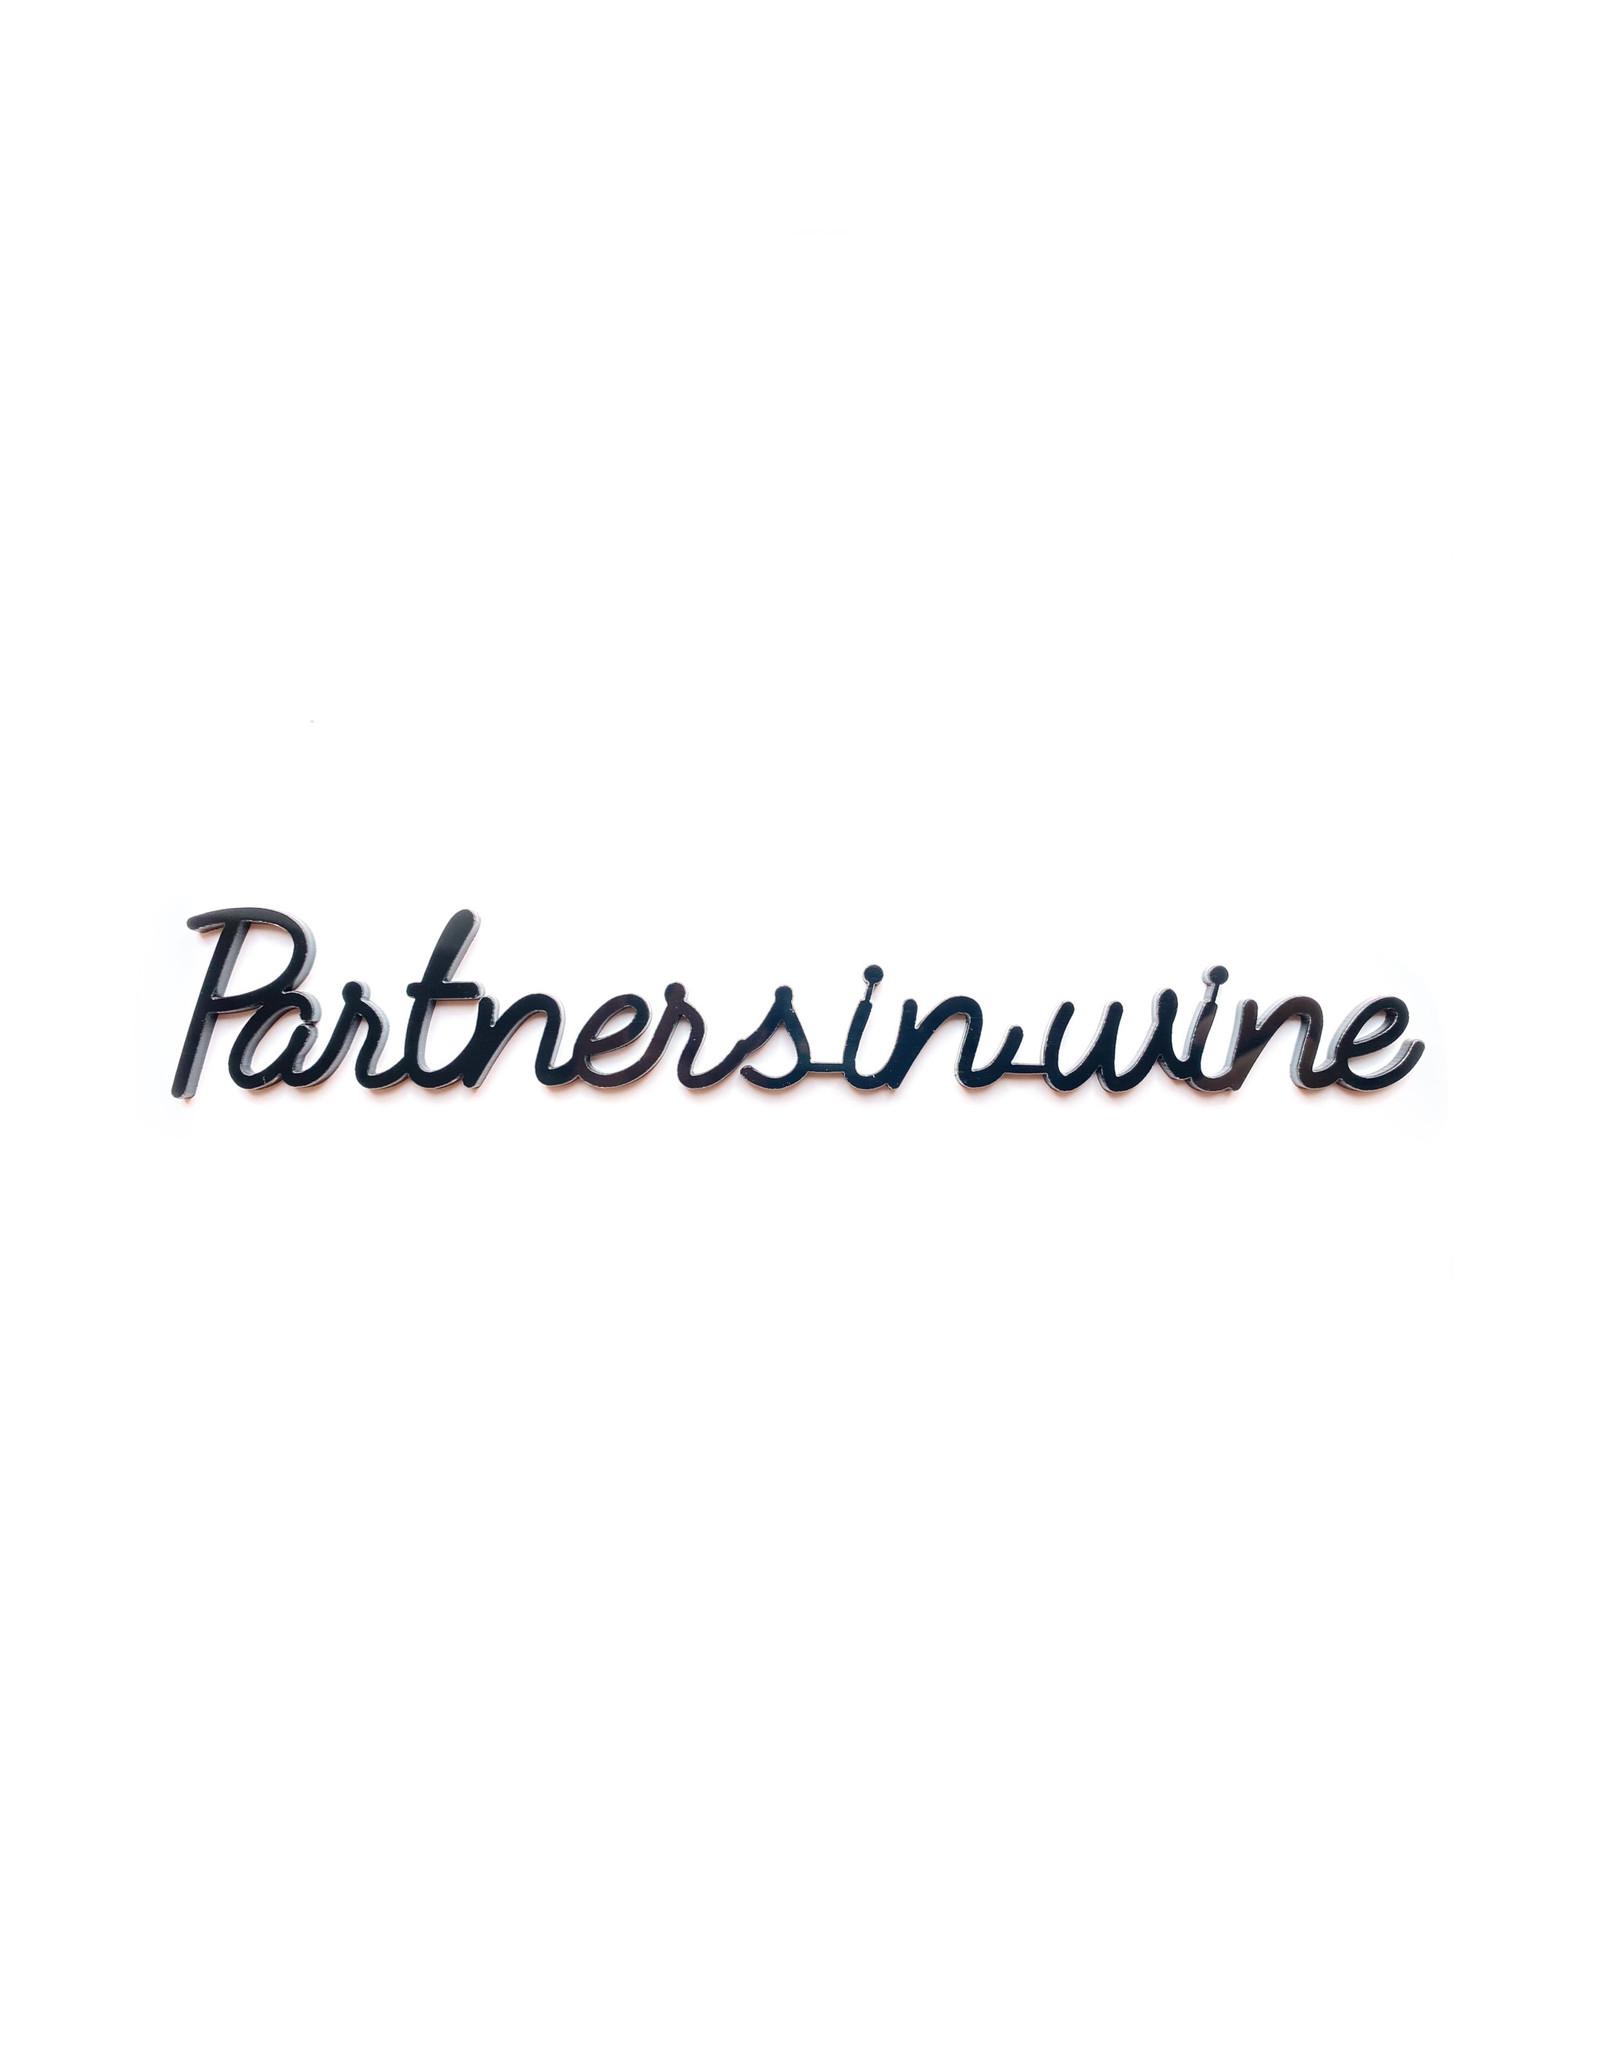 Quote Partners in wine zwart